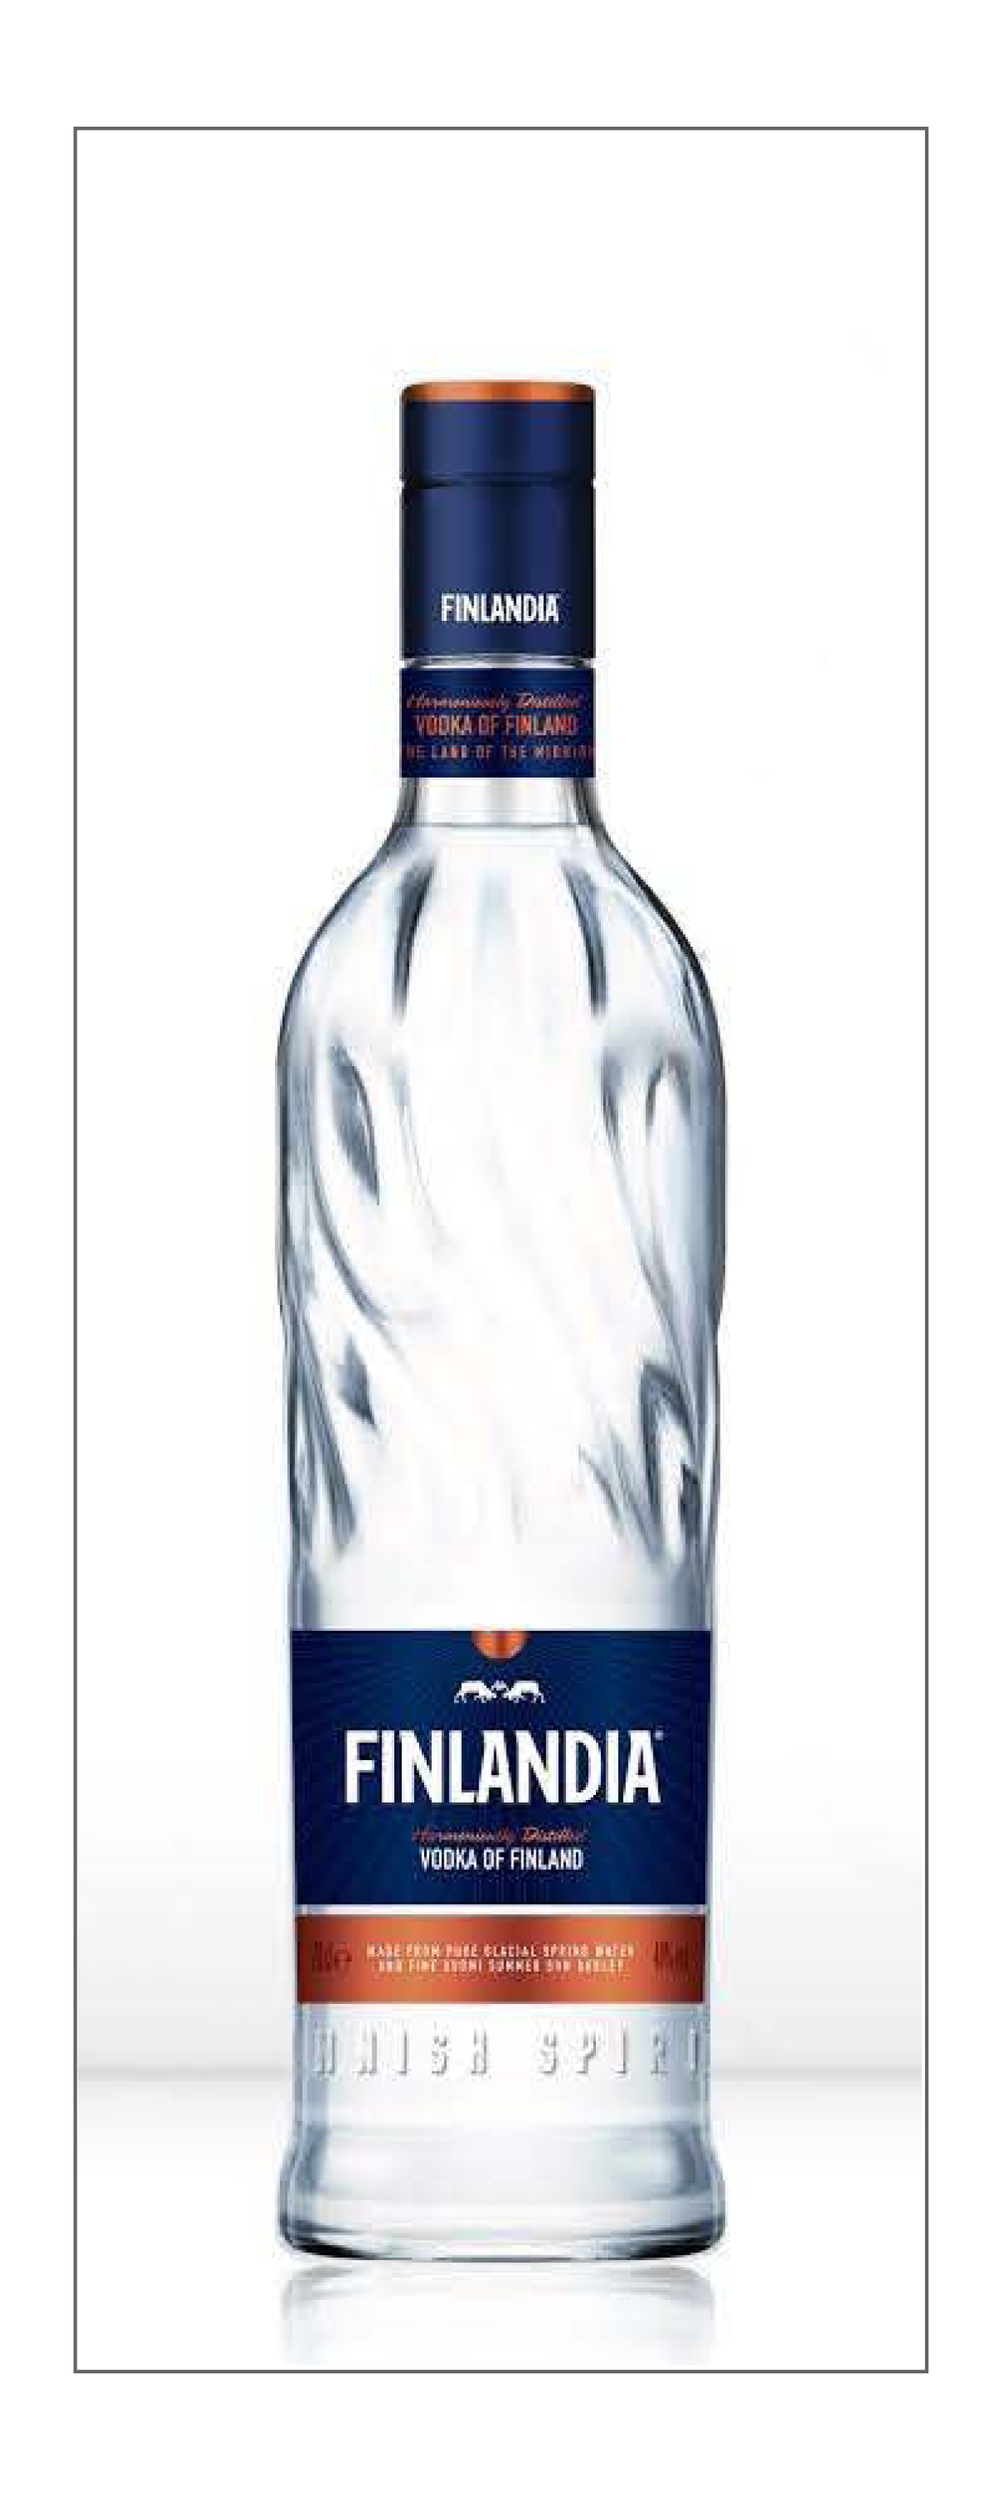 FV_Bottle_concepts31.png